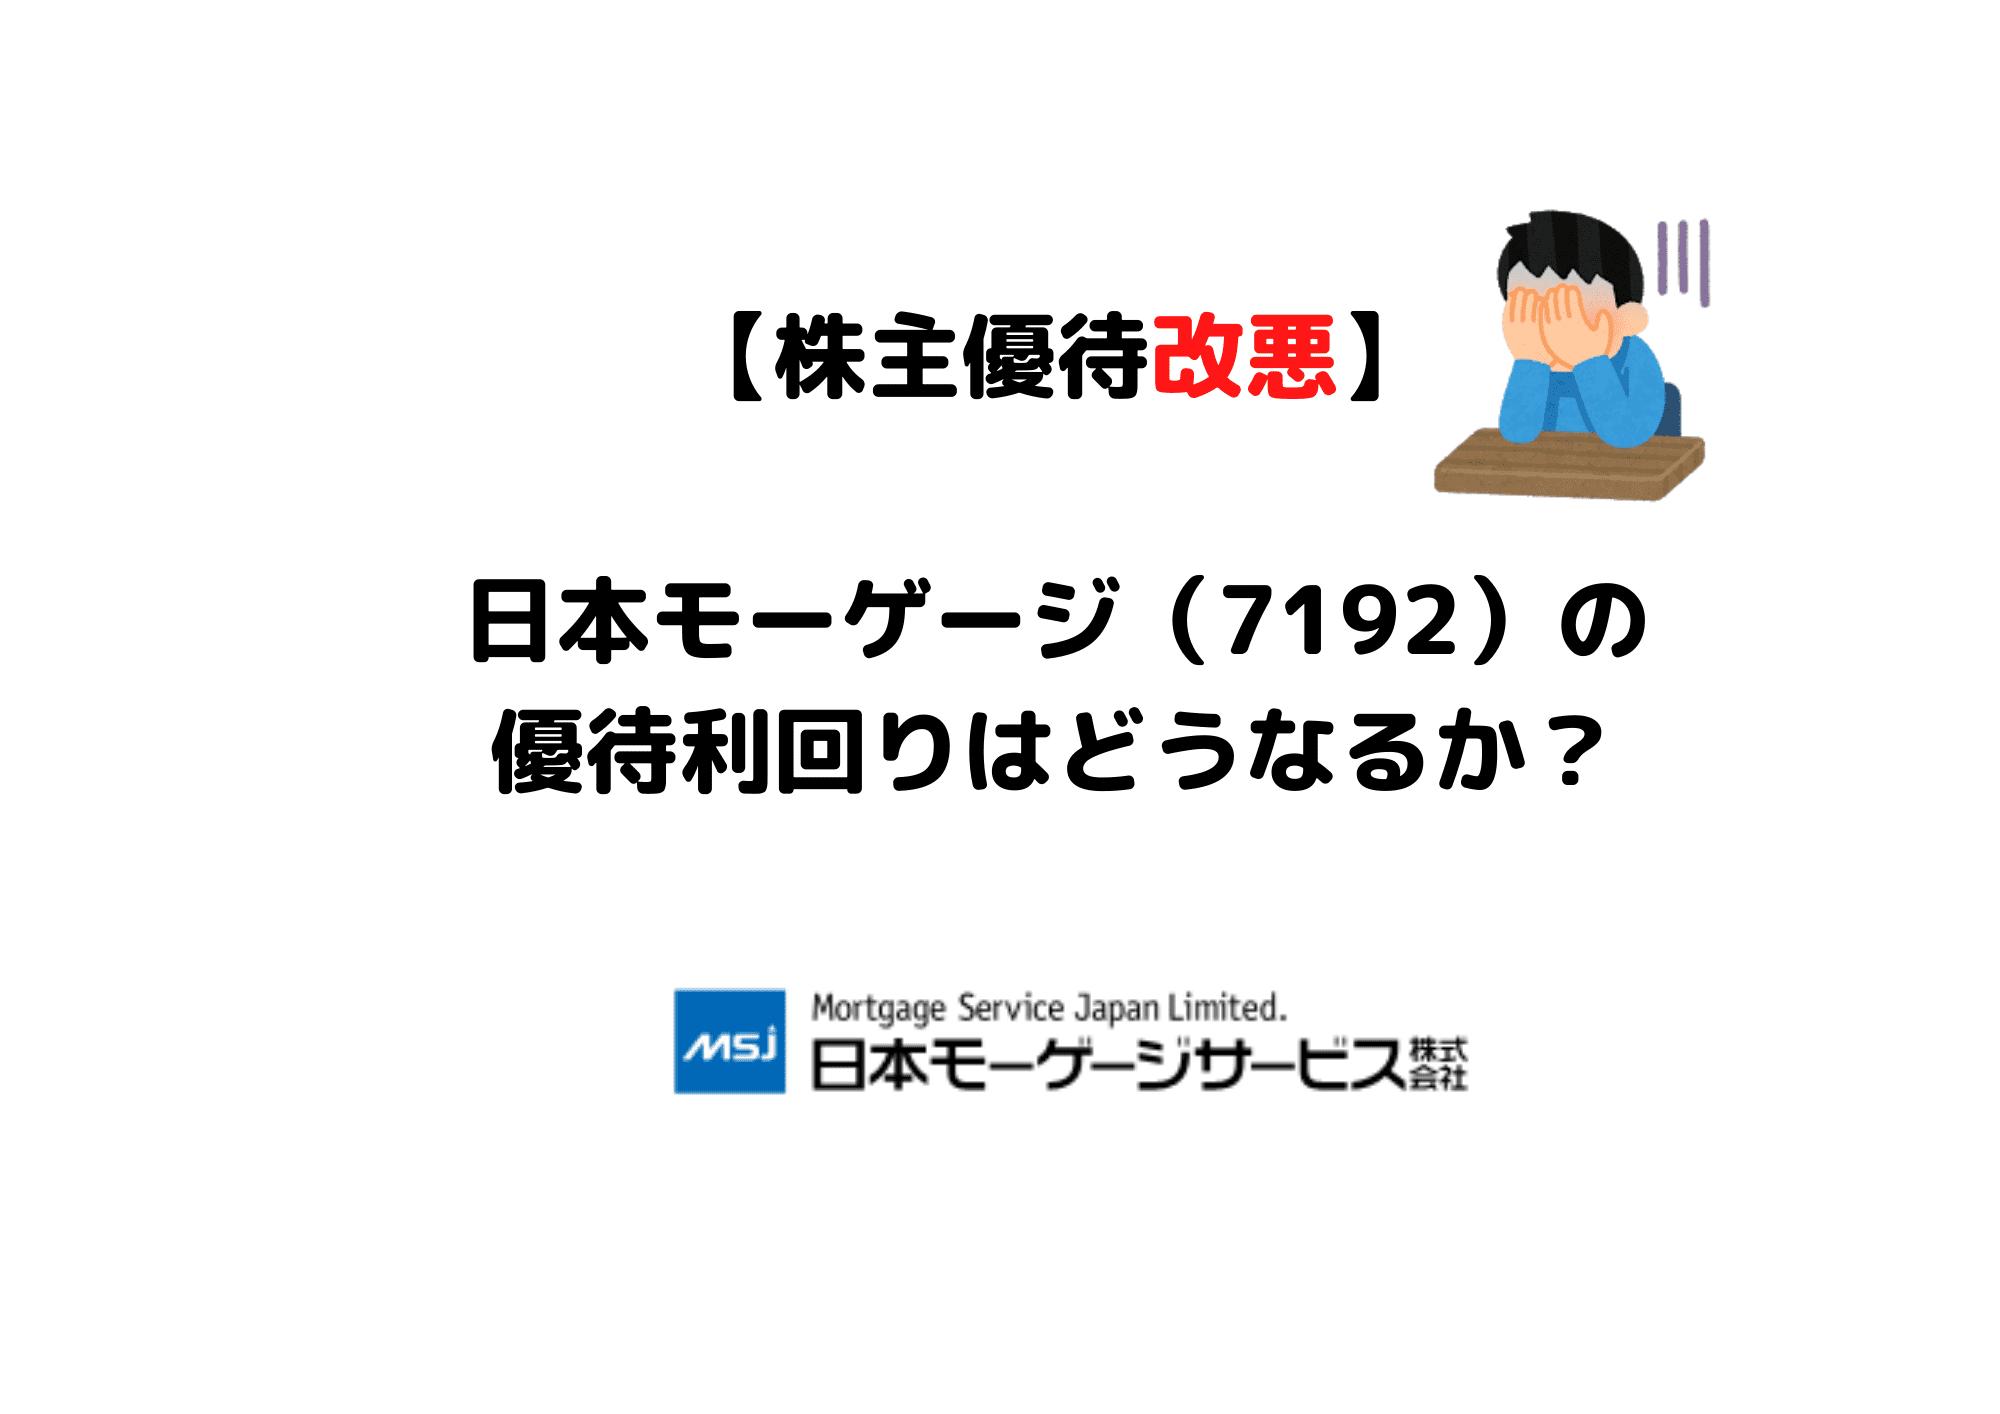 日本モーゲージ 7192 (1)